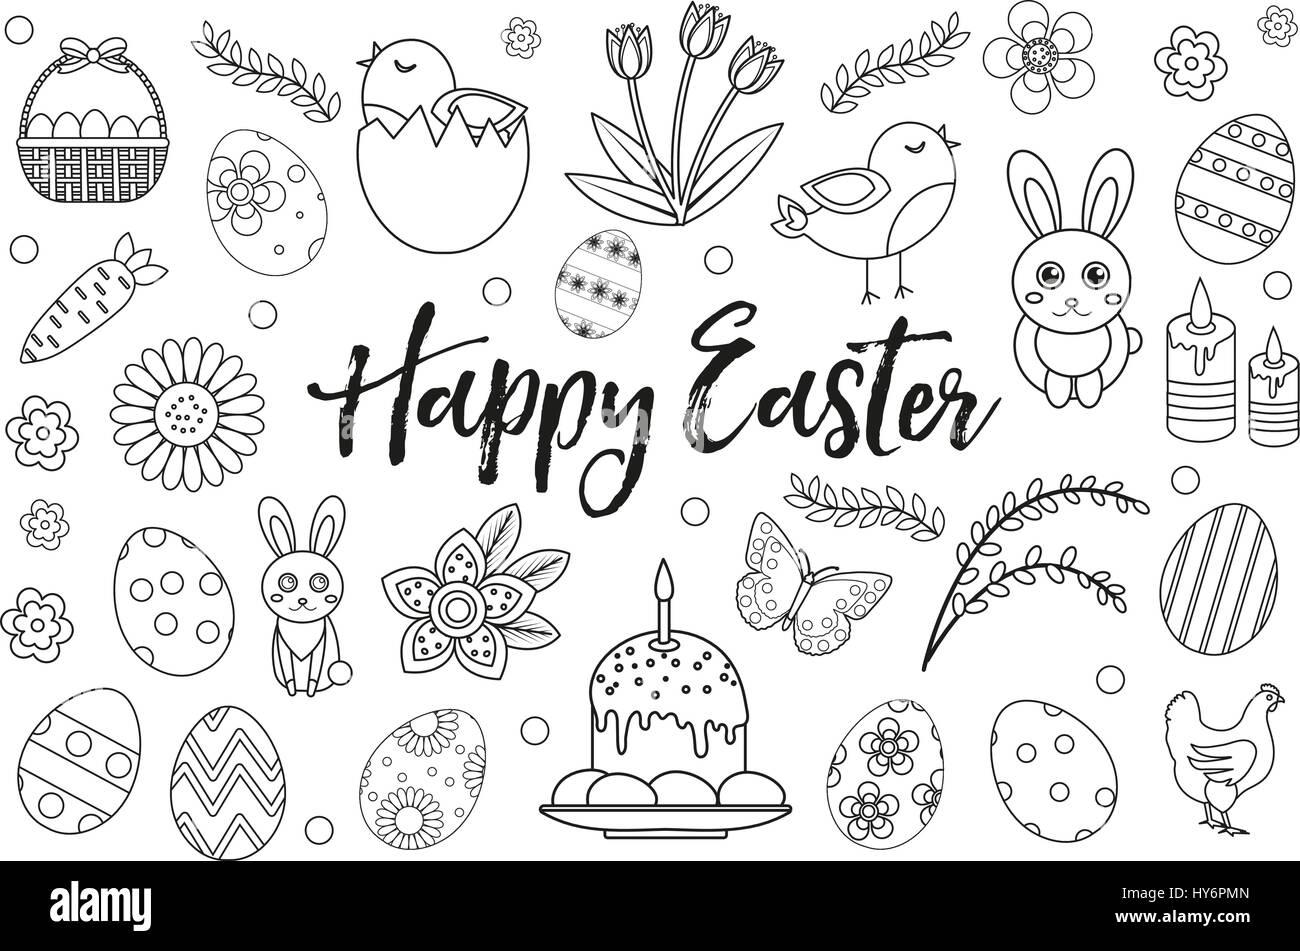 Felices Pascuas Objeto Collection Elemento De Diseño